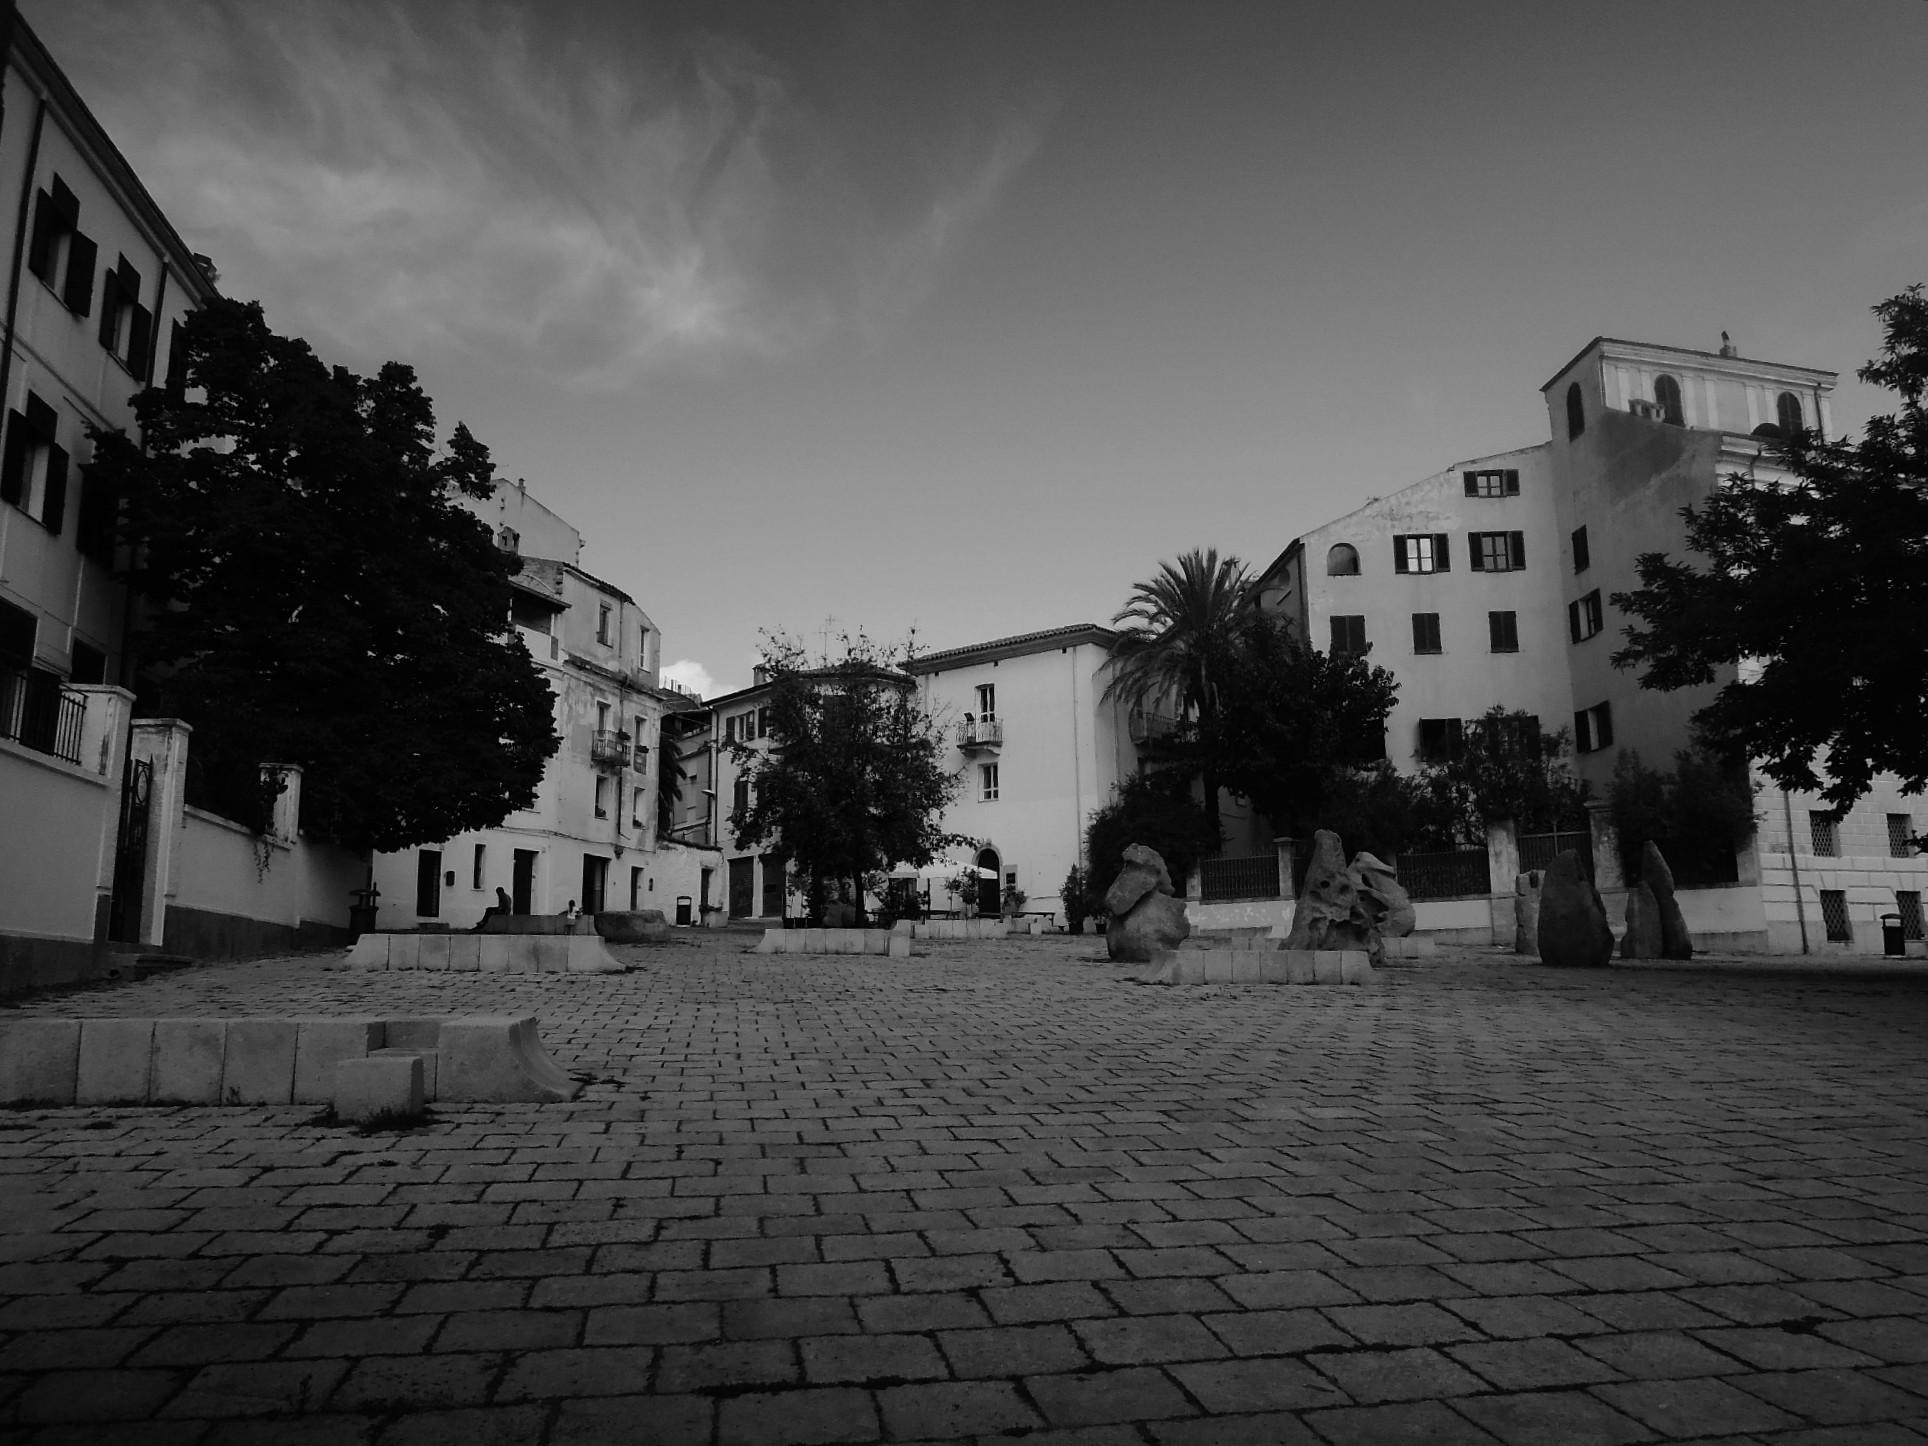 piazza Sebastiano Satta Nuoro